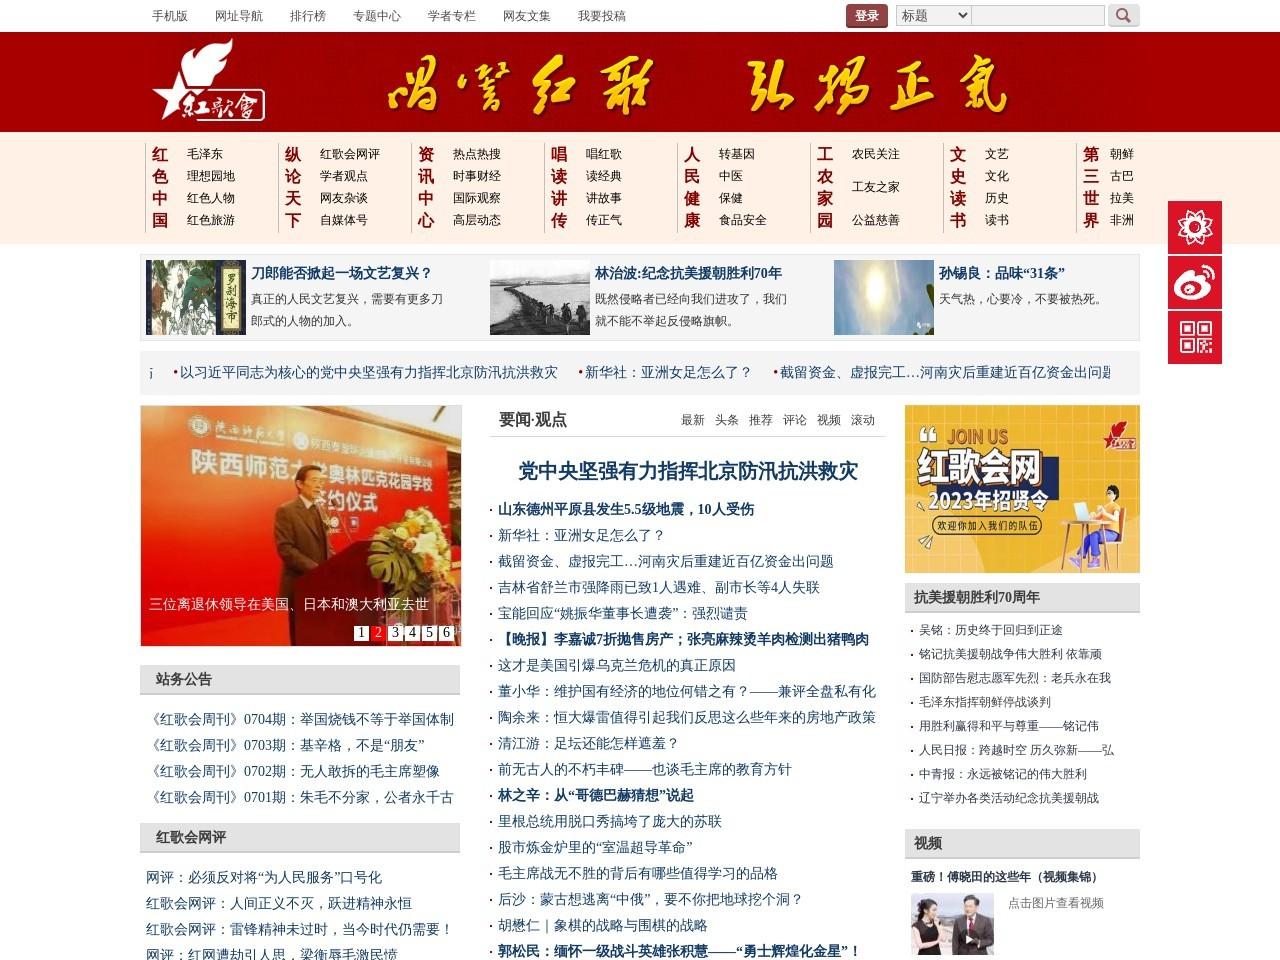 东三省人口全部负增长,一年减少42.73万人 - 社会 - 红歌会网